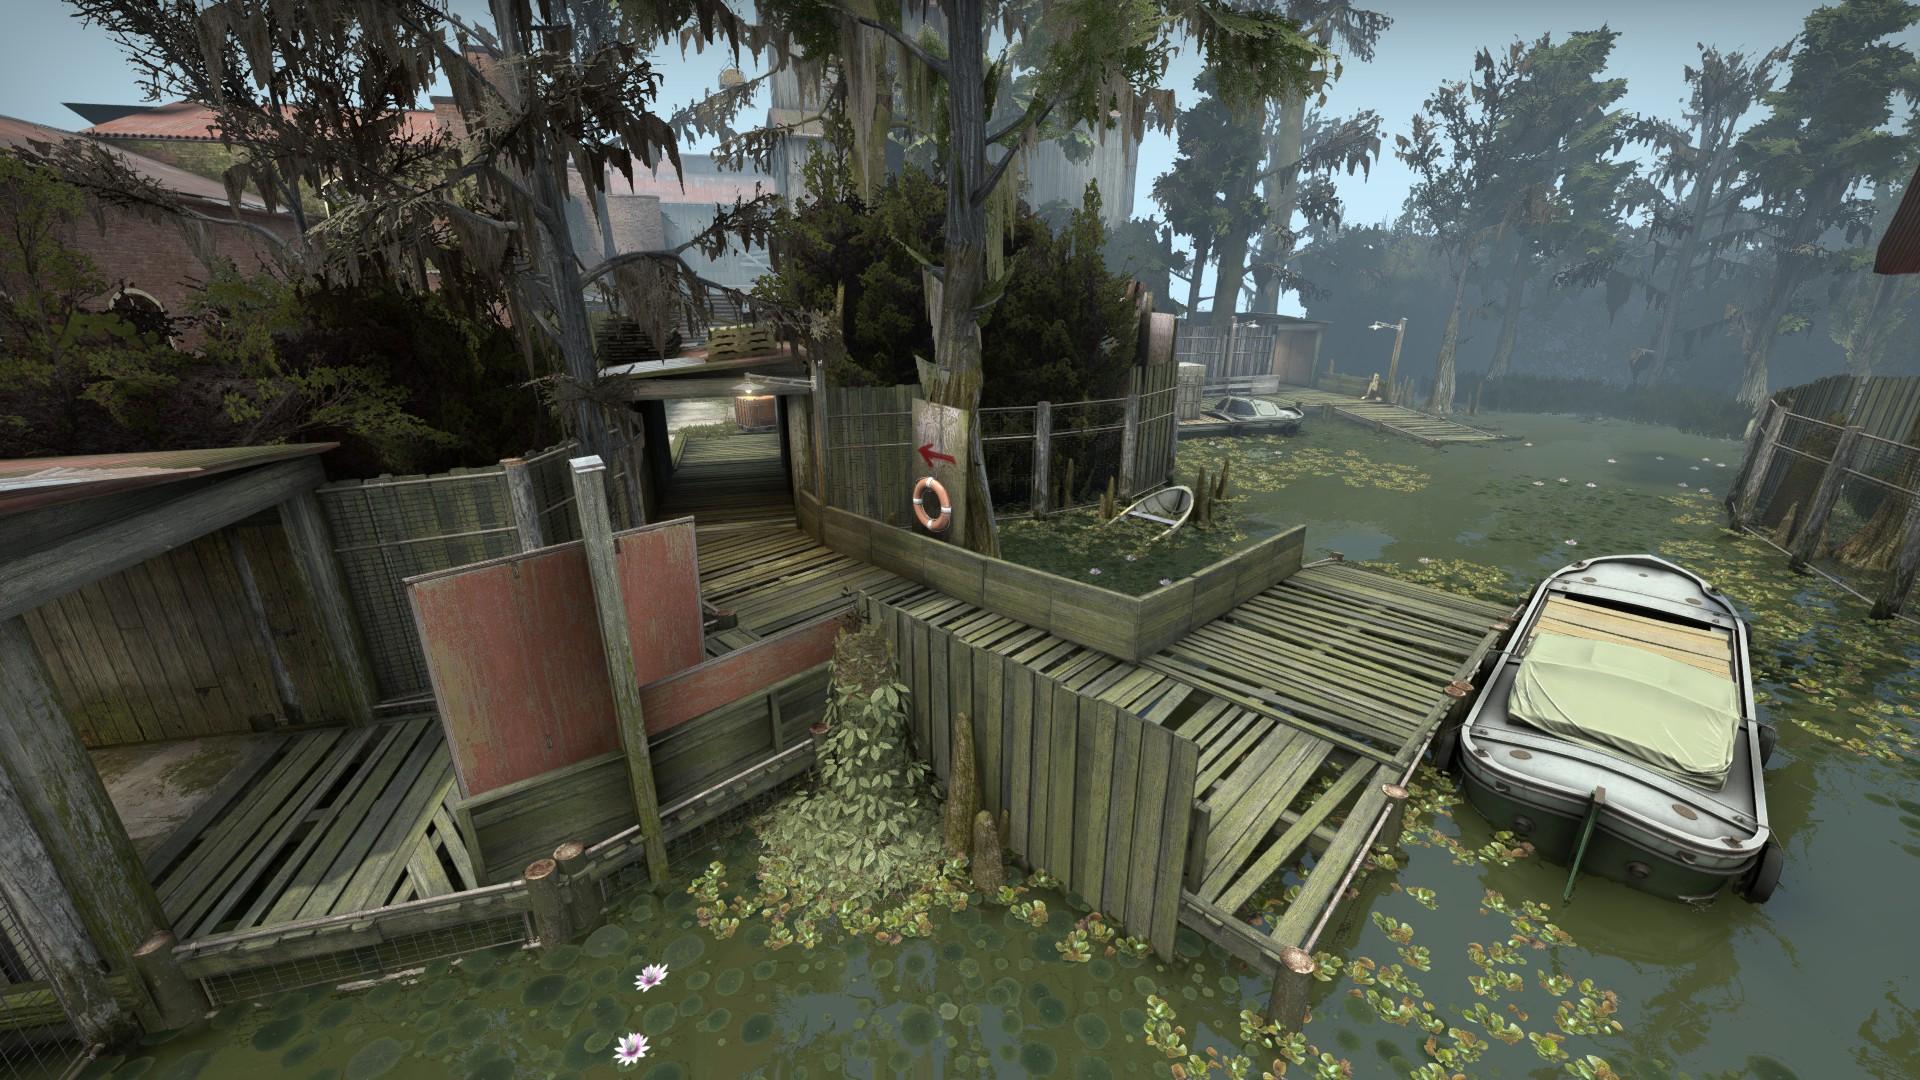 Swamp se passa numa indústria abandonada. (Imagem: CSGO)